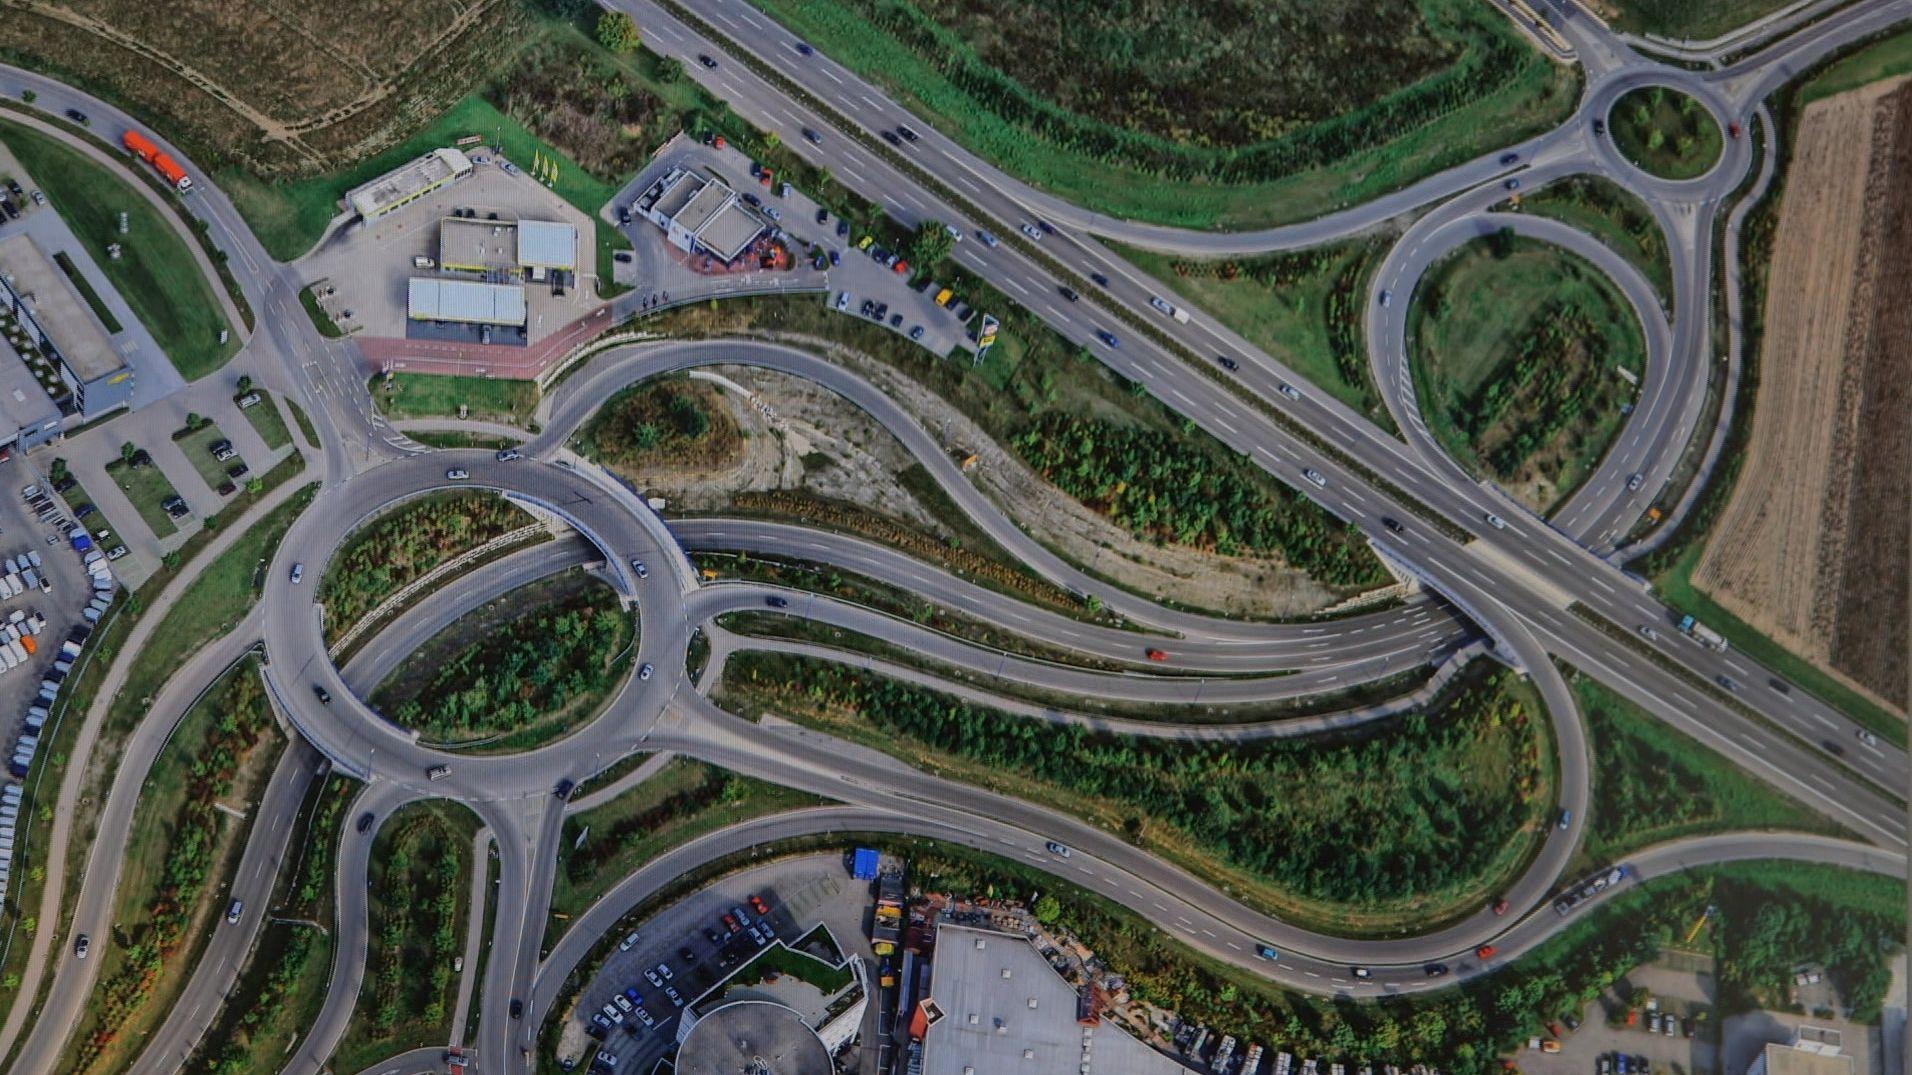 Straßen und Industriegebiete zersiedeln und versiegeln die Natur